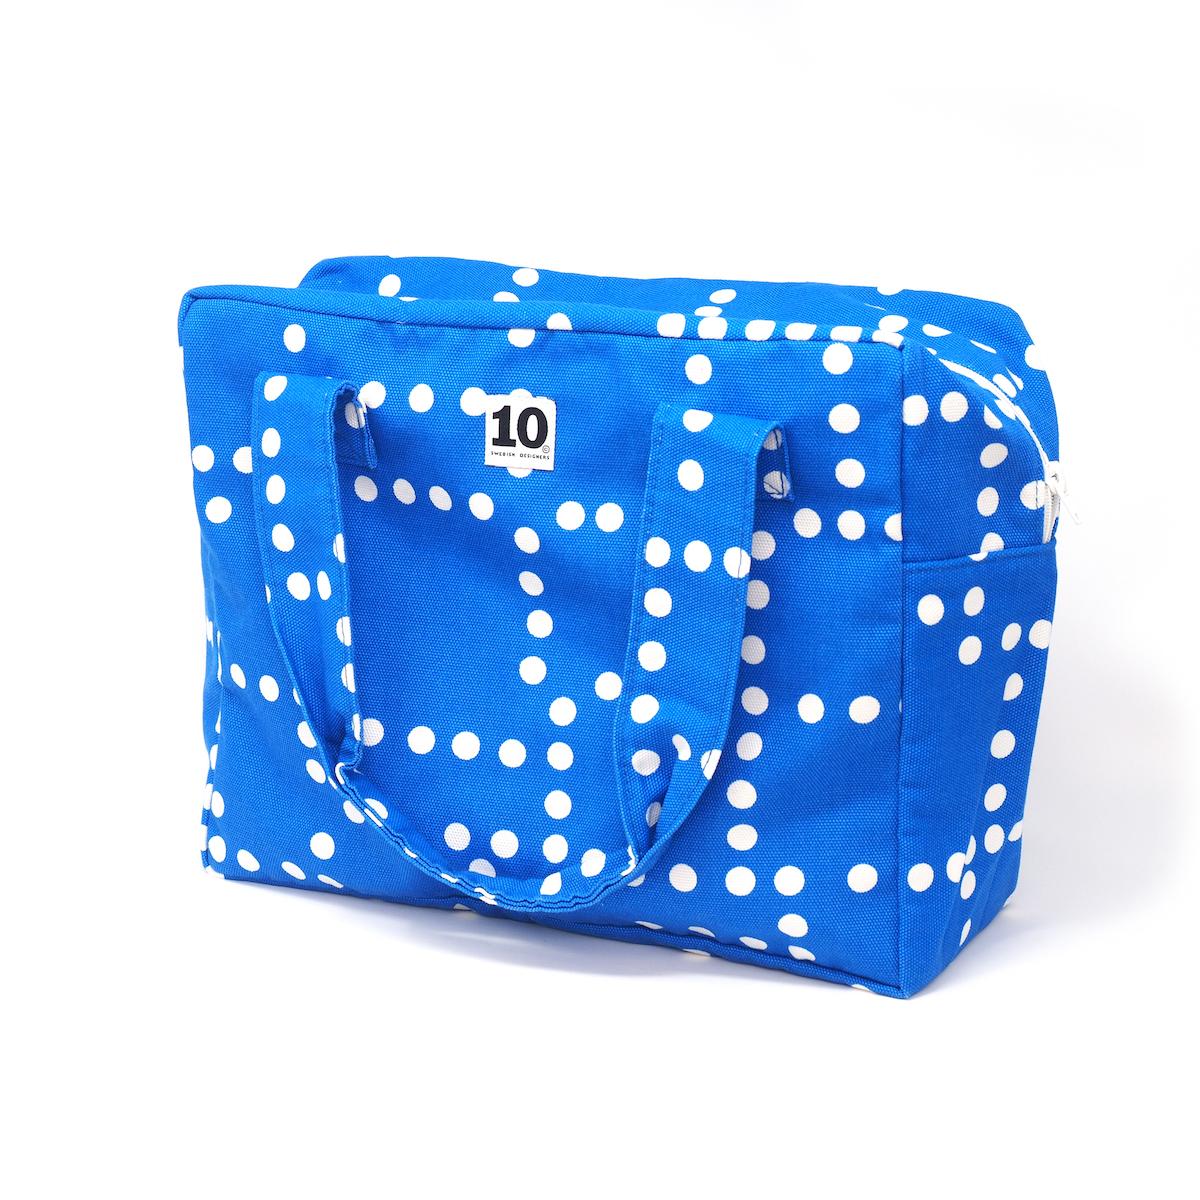 サムネイル:ボックスバッグ Fro blue(10-GRUPPEN ティオグルッペン)